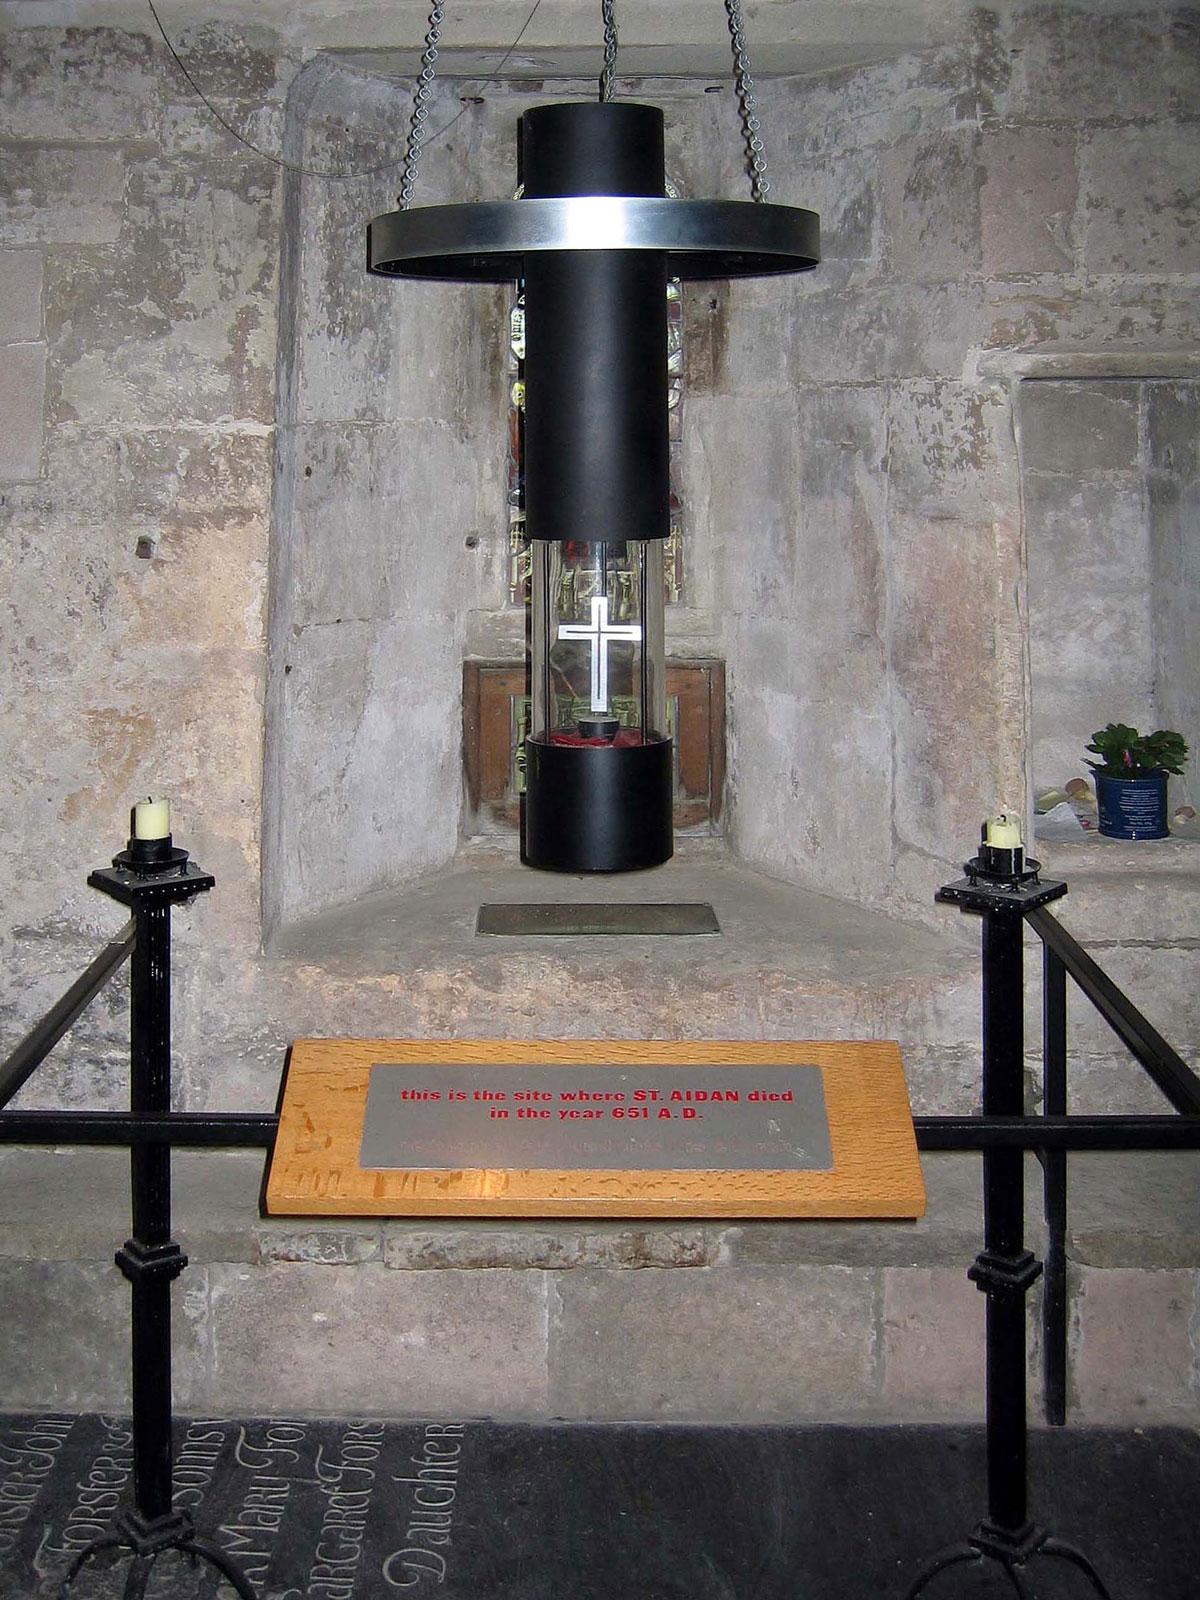 The spot where St. Aidan died